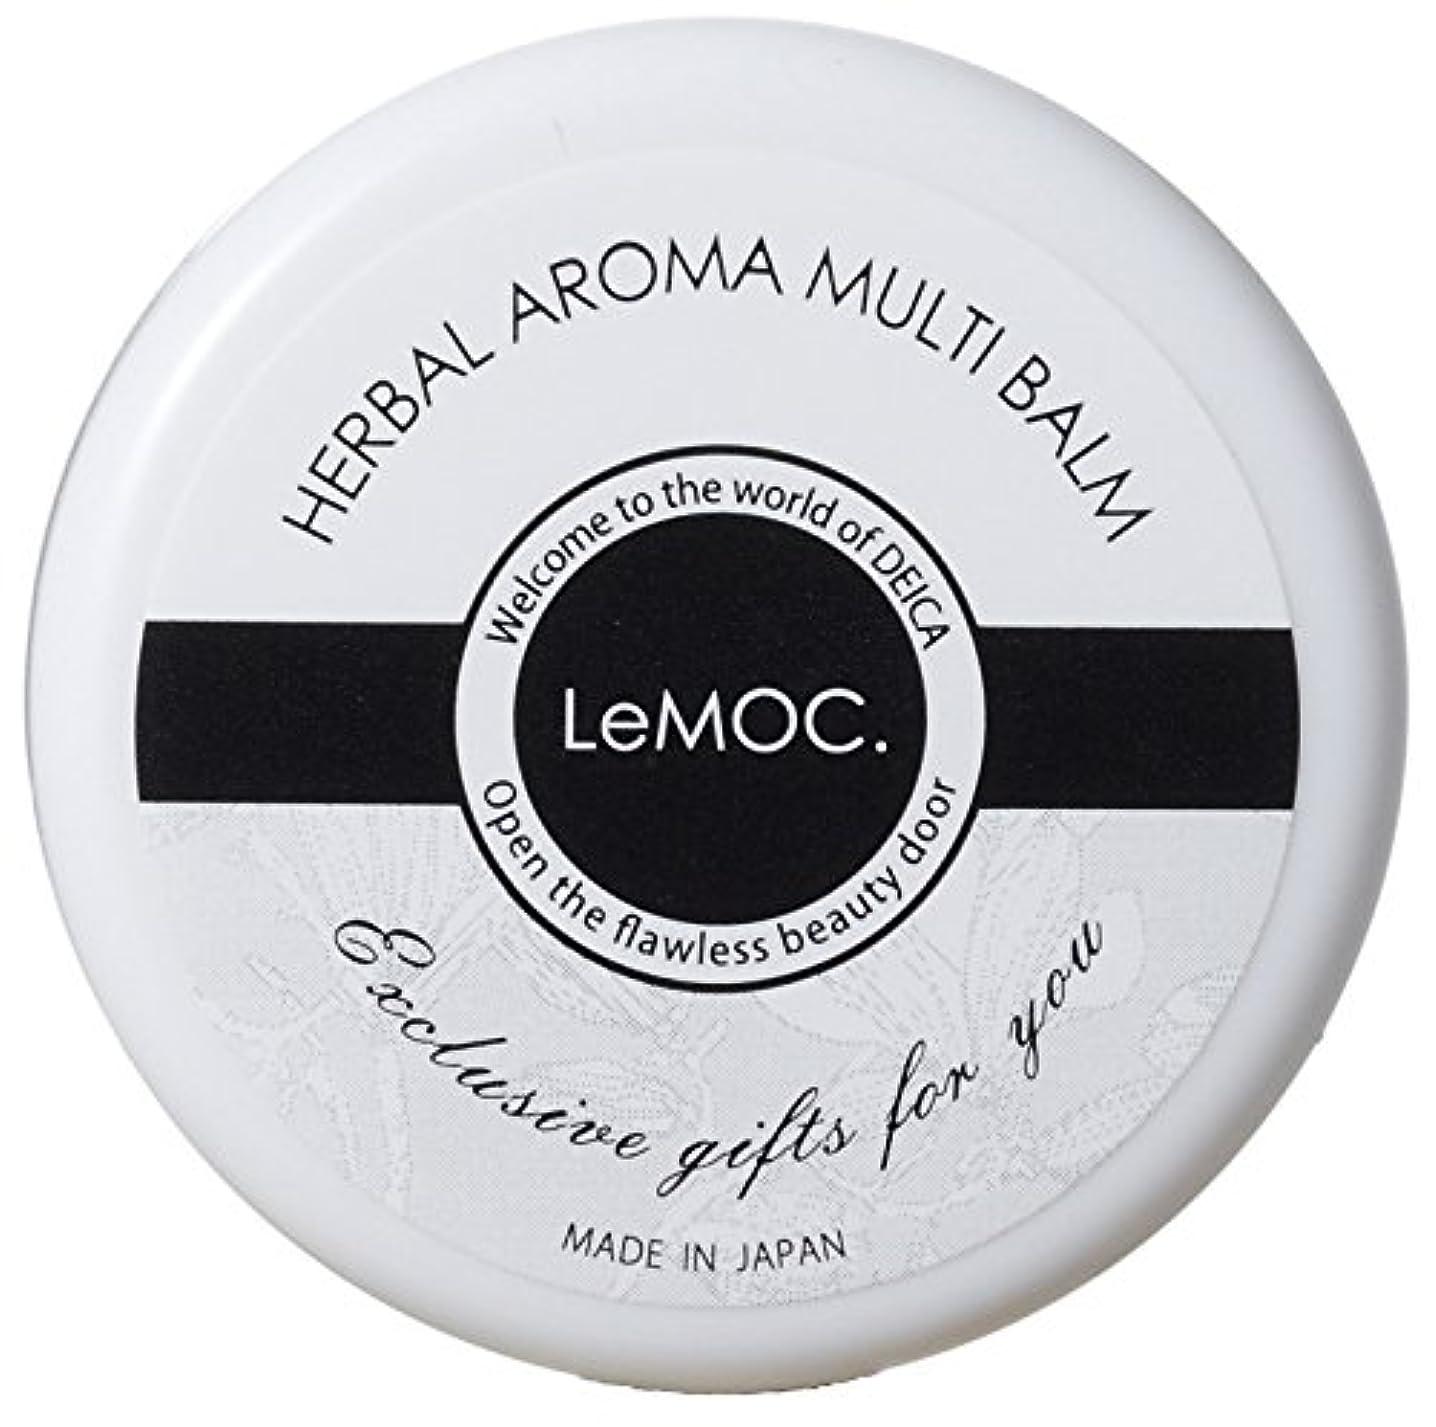 特異なスリーブ頭ルモック.(LeMOC.) ハーバルアロマ マルチバーム 15g(全身用保湿バーム)